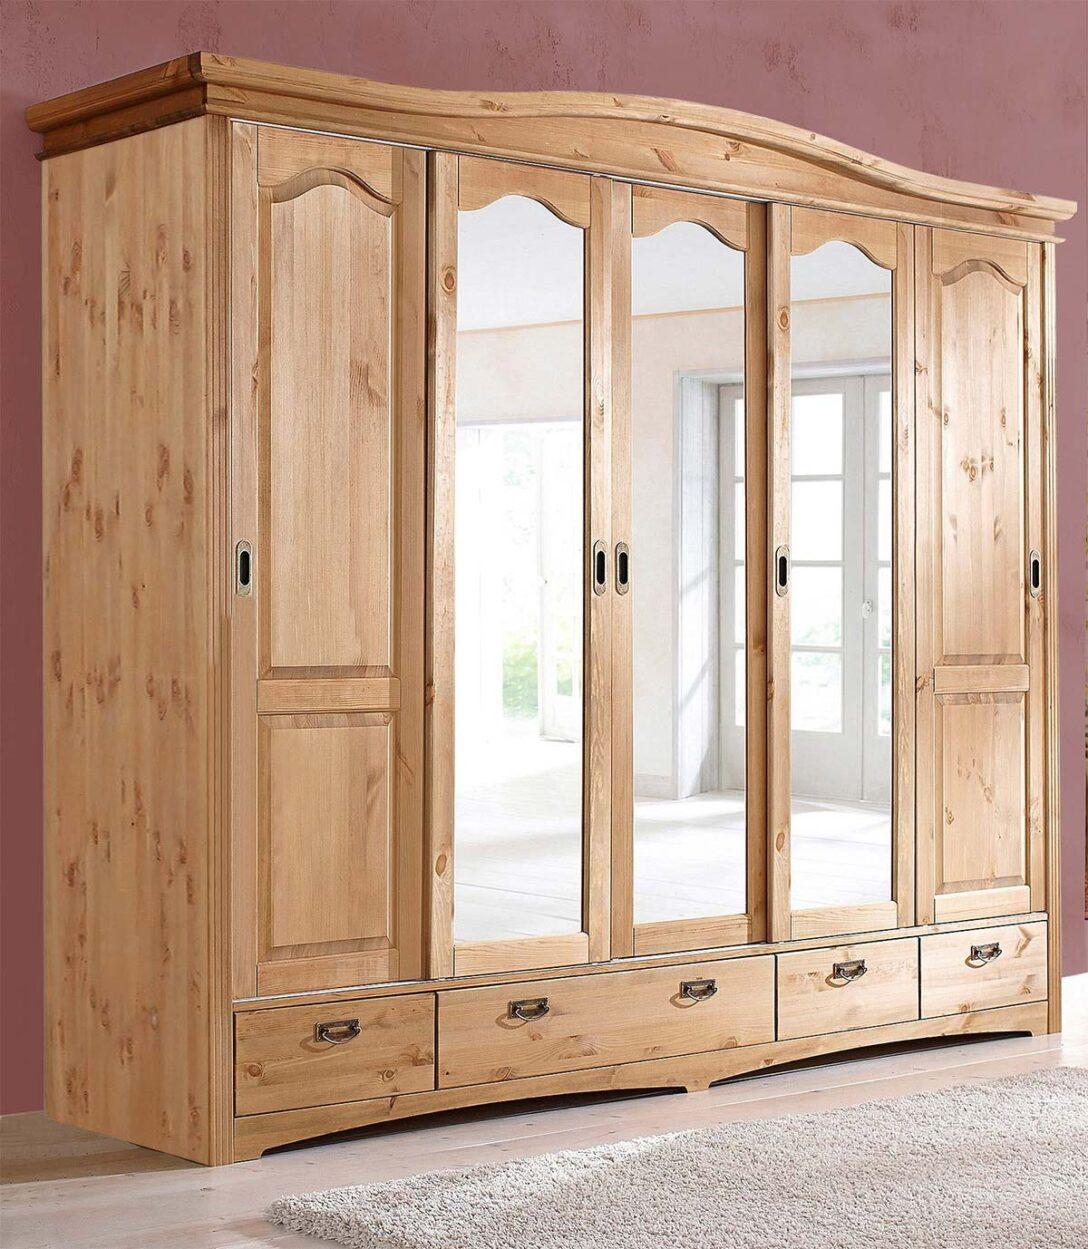 Large Size of Kleiderschrank Schlafzimmerschrank Kiefer Massiv Natur 249cm 5 Wohnzimmer Schlafzimmerschränke